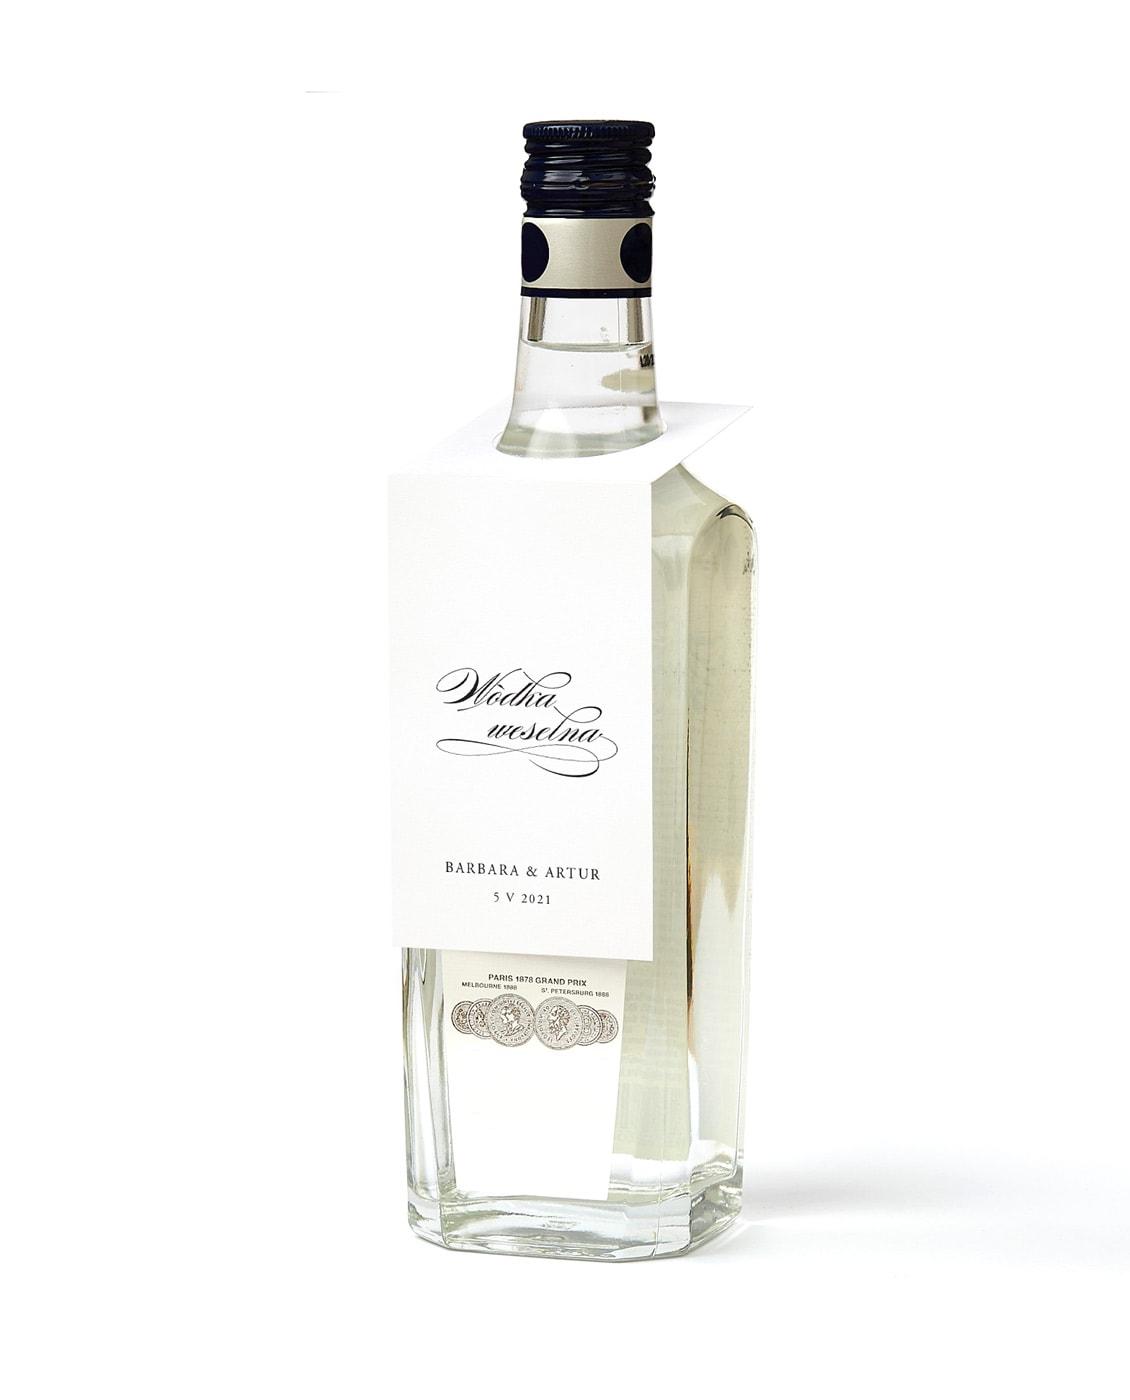 Weselne zawieszki na alkohol, kaligrafowane